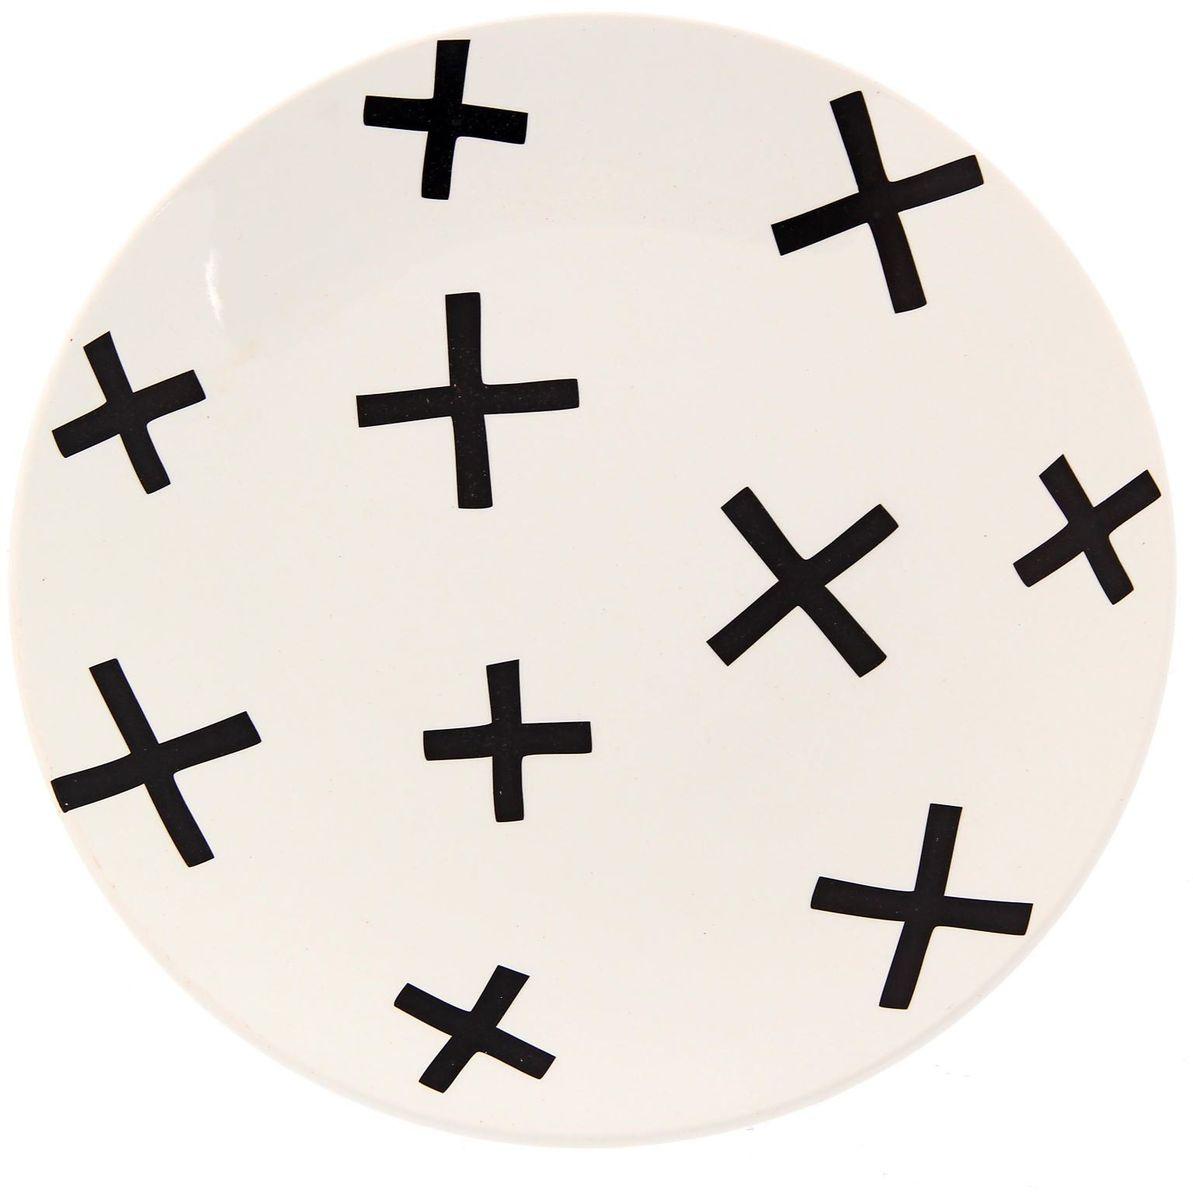 Тарелка Сотвори чудо My Little Cross, диаметр 22 см2277882Хотите обновить интерьер кухни или гостиной? Устраиваете необычную фотосессию или тематический праздник? А может, просто ищете подарок для близкого человека? Посуда Сотвори Чудо — правильный выбор в любой ситуации. Тарелка Сотвори Чудо, изготовленная из изящного фаянса нежного сливочного цвета, оформлена оригинальным рисунком со стойкой краской. Пригодна для посудомоечной машины.